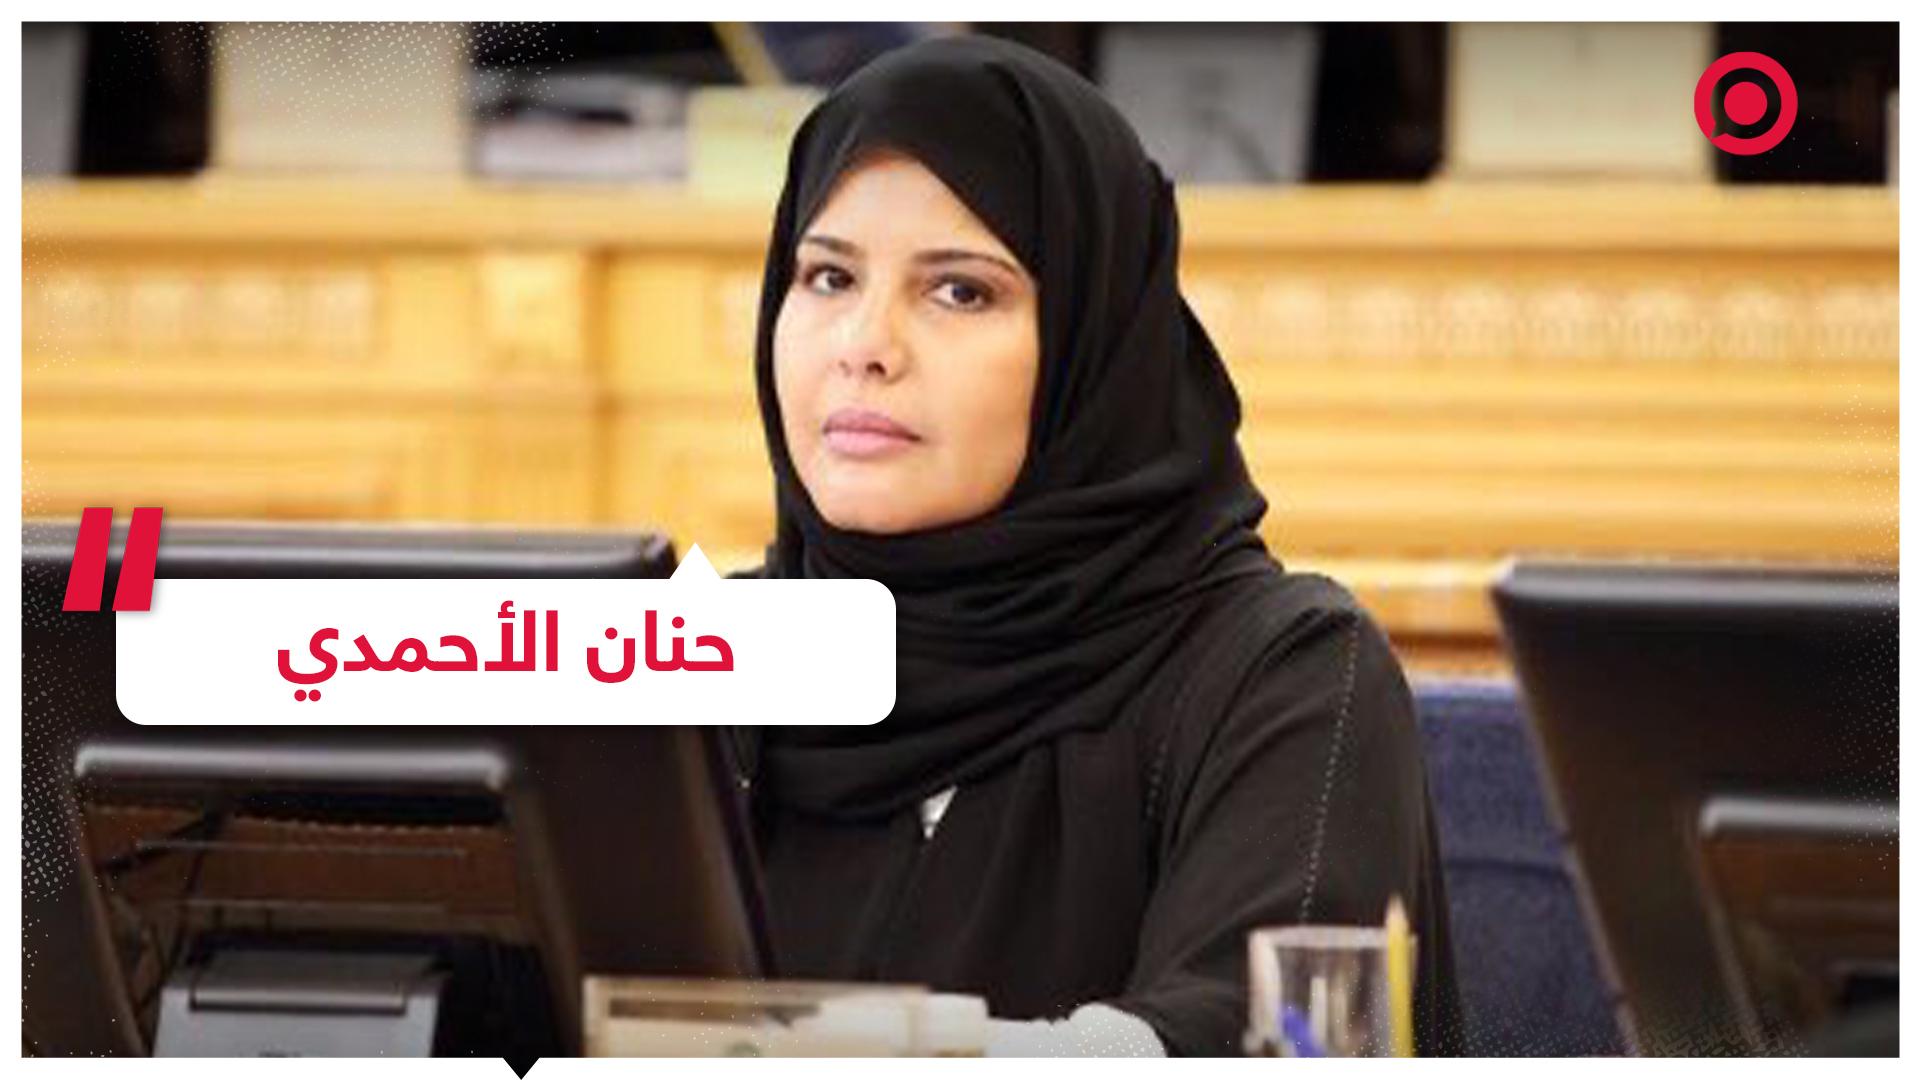 الدكتورة حنان الأحمدي أول امرأة تتولى منصب مساعد رئيس مجلس الشورى بالسعودية